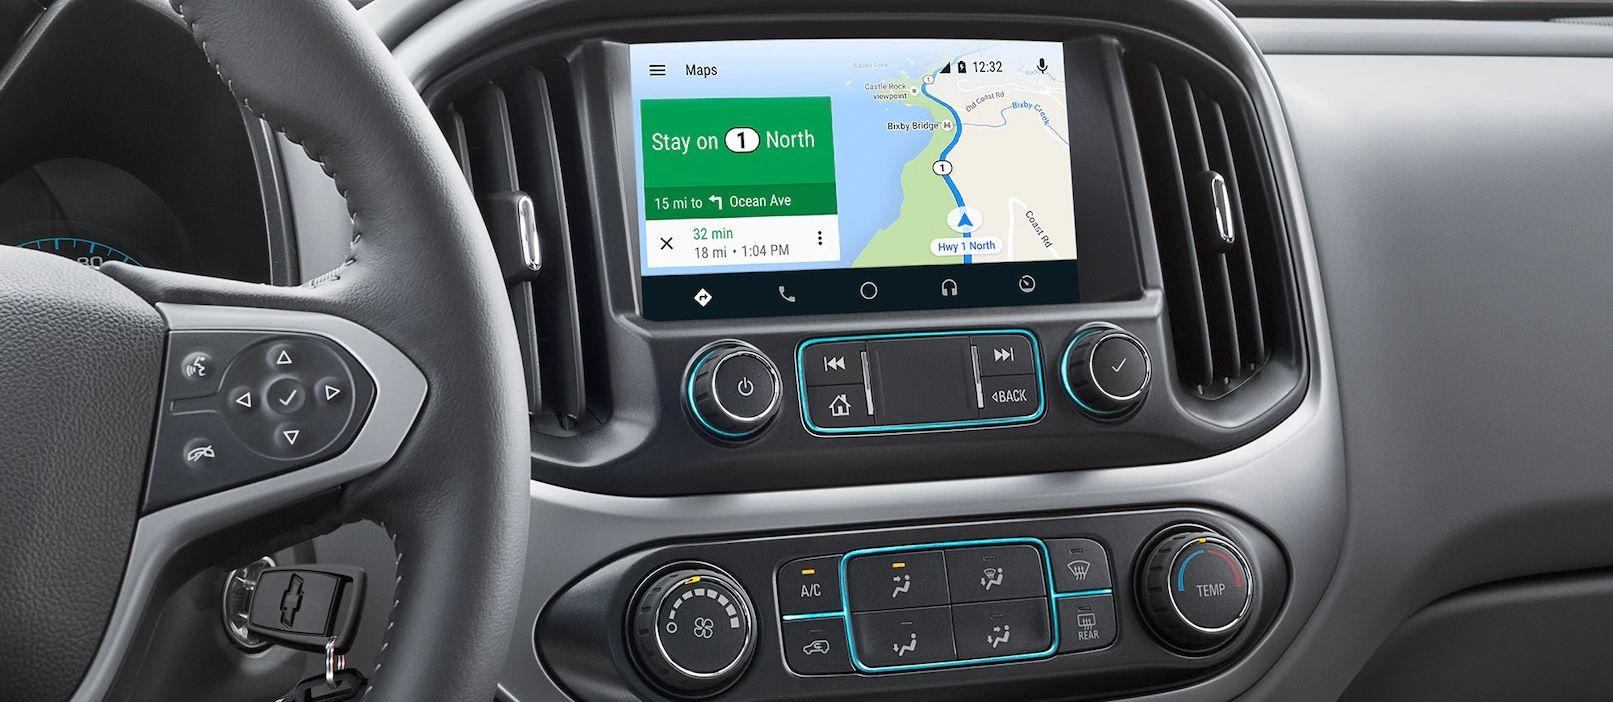 2019 Chevrolet Colorado Touchscreen